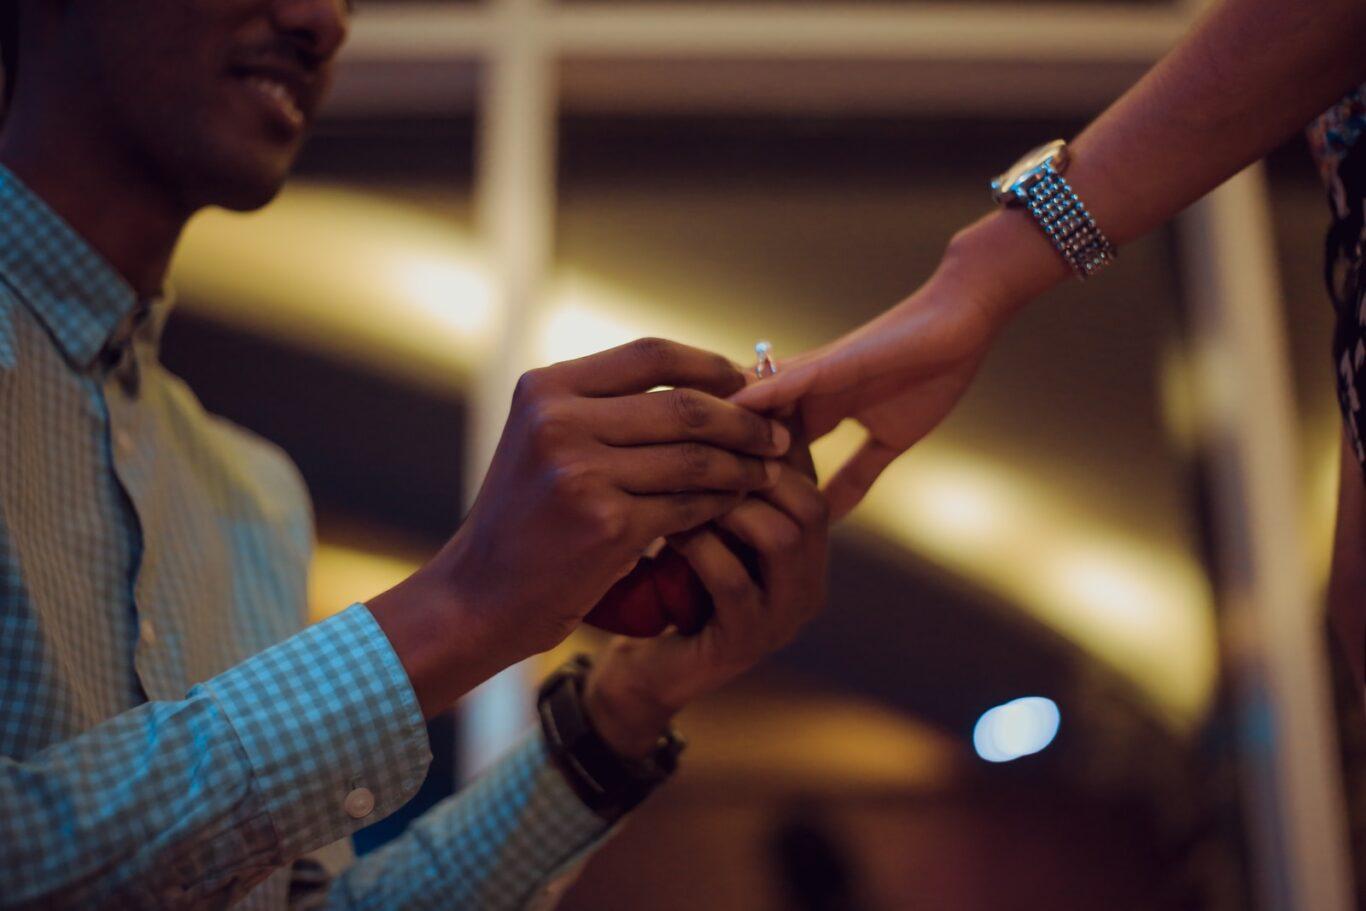 πρόταση γάμου ανδρική υπόθεση